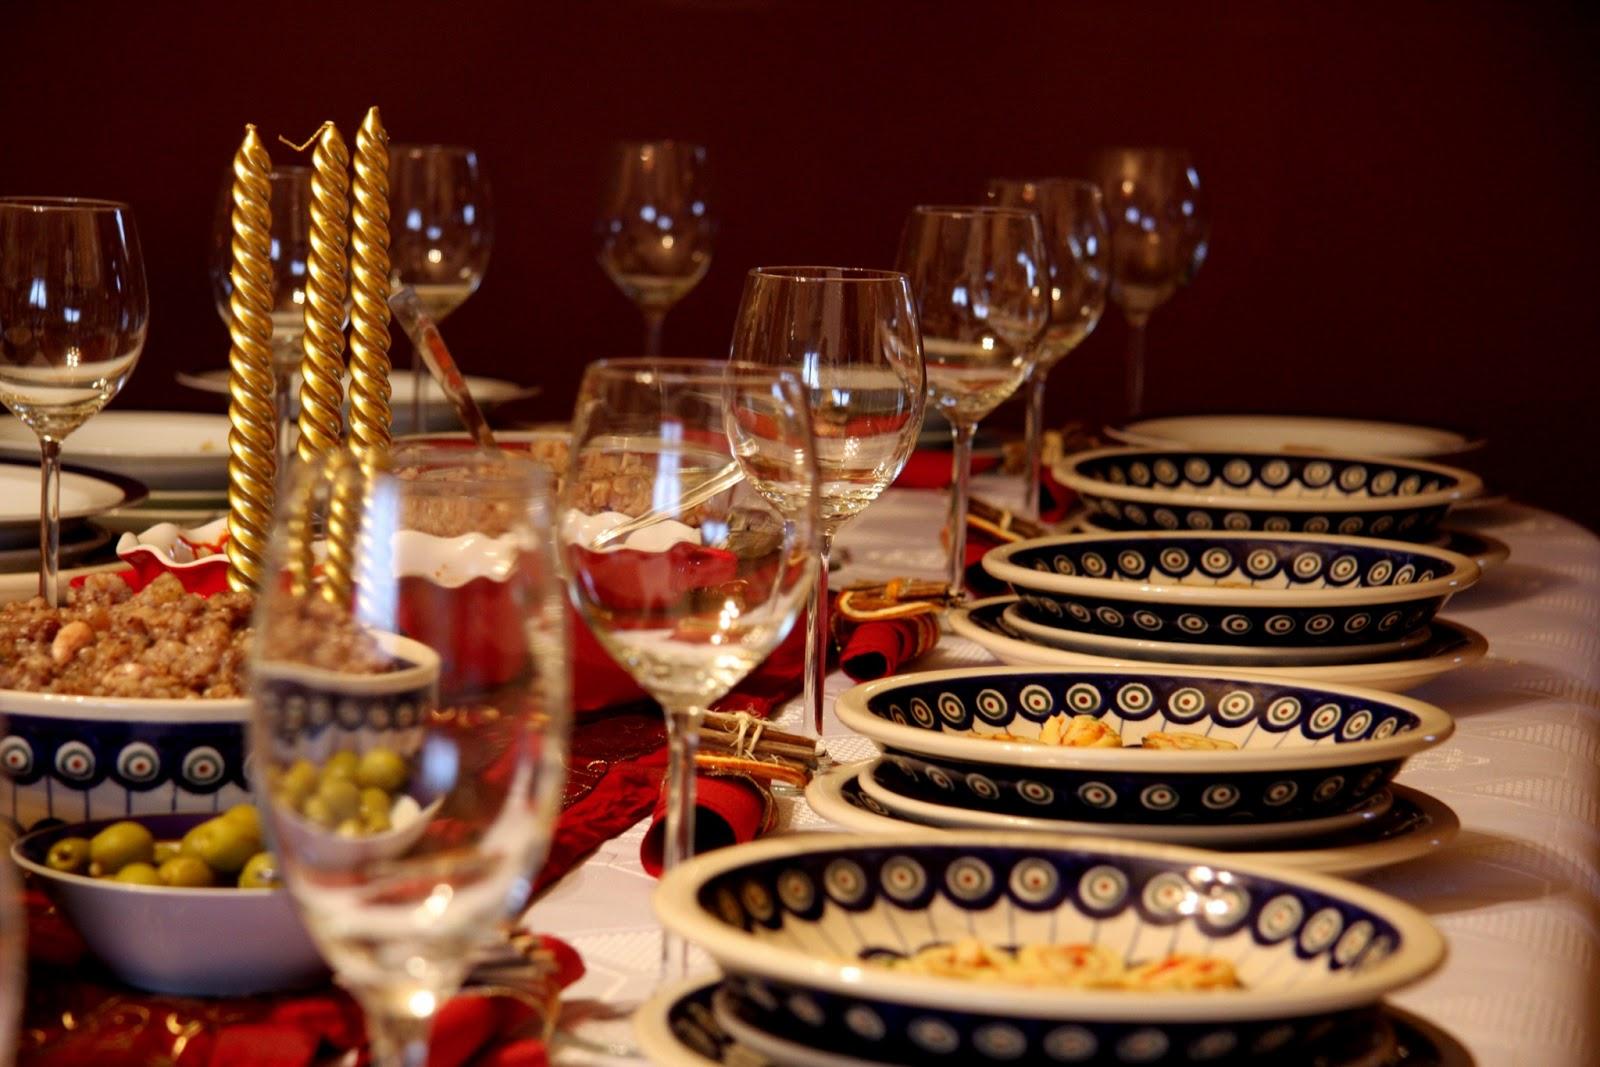 las comidas tpicas de estas fechas varan segn las regiones y los pases son comidas sencillas como la olla o el cocido de navidad